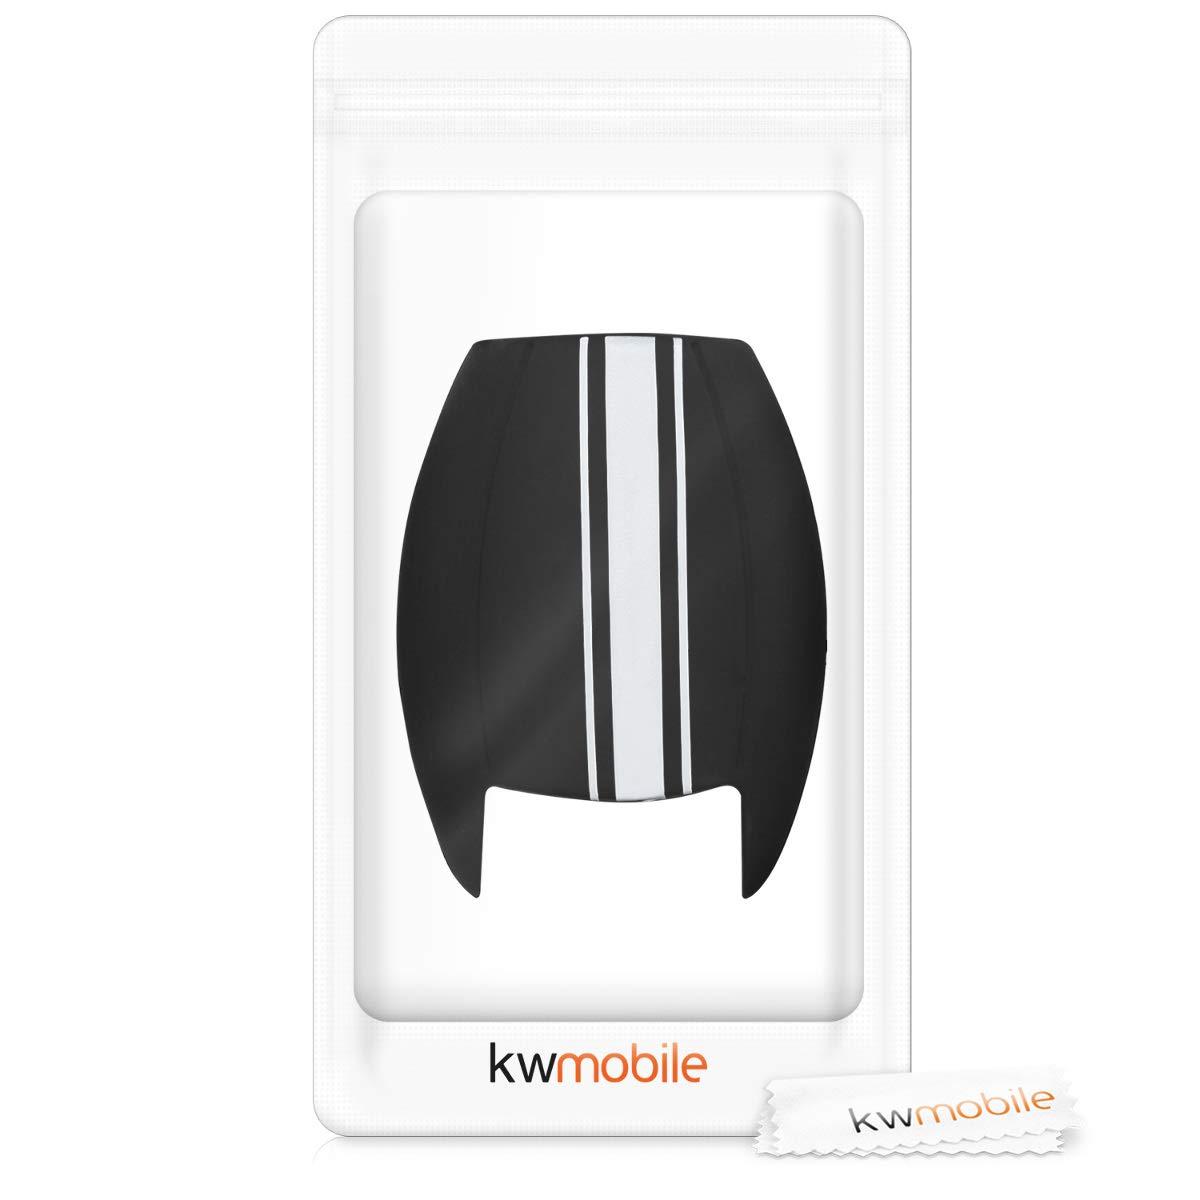 kwmobile Funda para Llave de 2 Botones para Coche Solamente Keyless Go Case de Mando de Auto con dise/ño de Rally - Carcasa Protectora Suave de Silicona